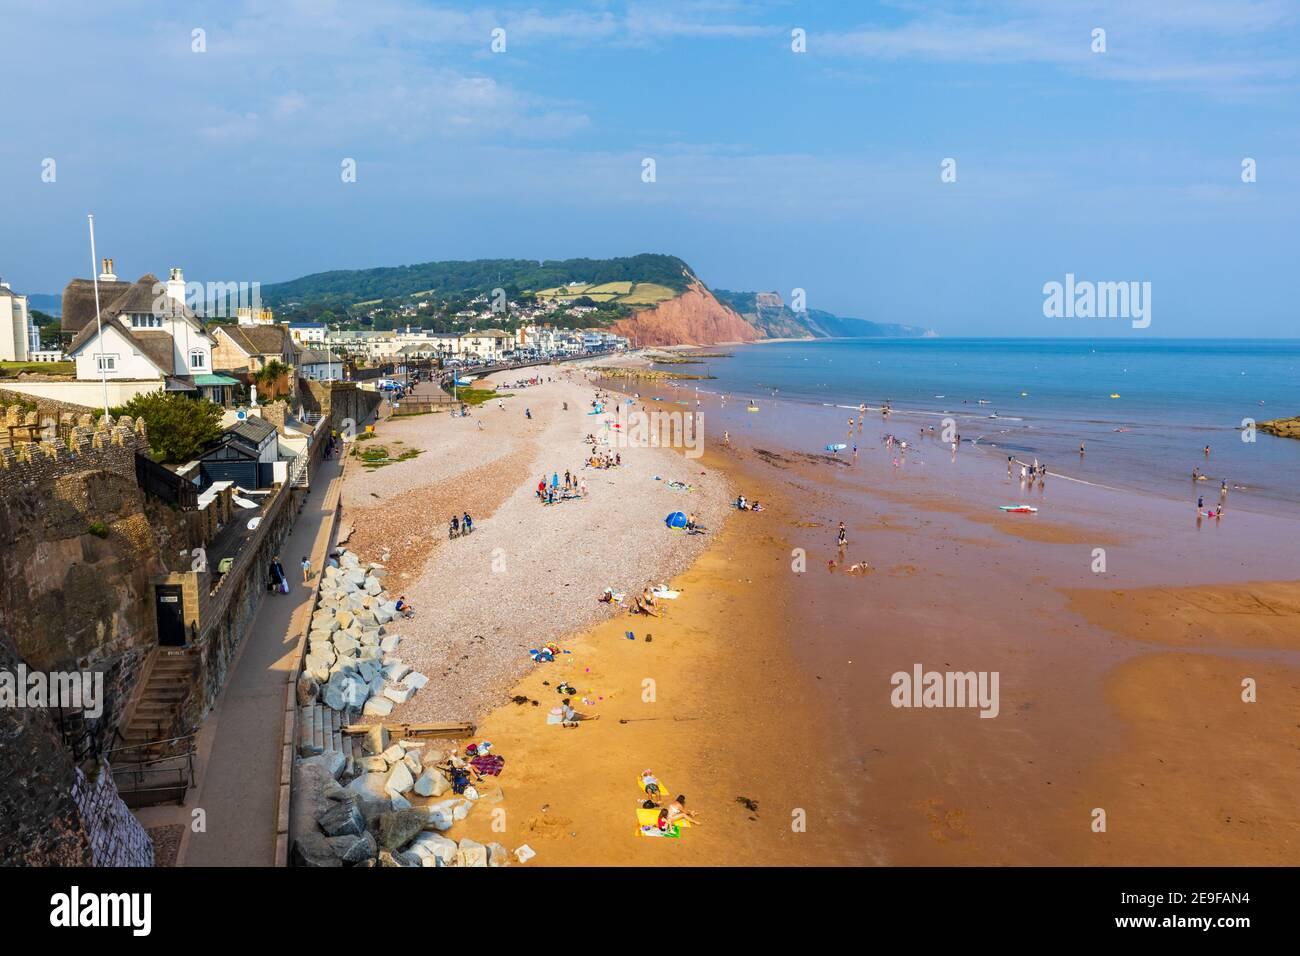 Vista hacia el este hasta Salcombe Hill sobre el mar, la playa y la costa de Sidmouth, una popular ciudad costera de la costa sur en Devon, al suroeste de Inglaterra Foto de stock